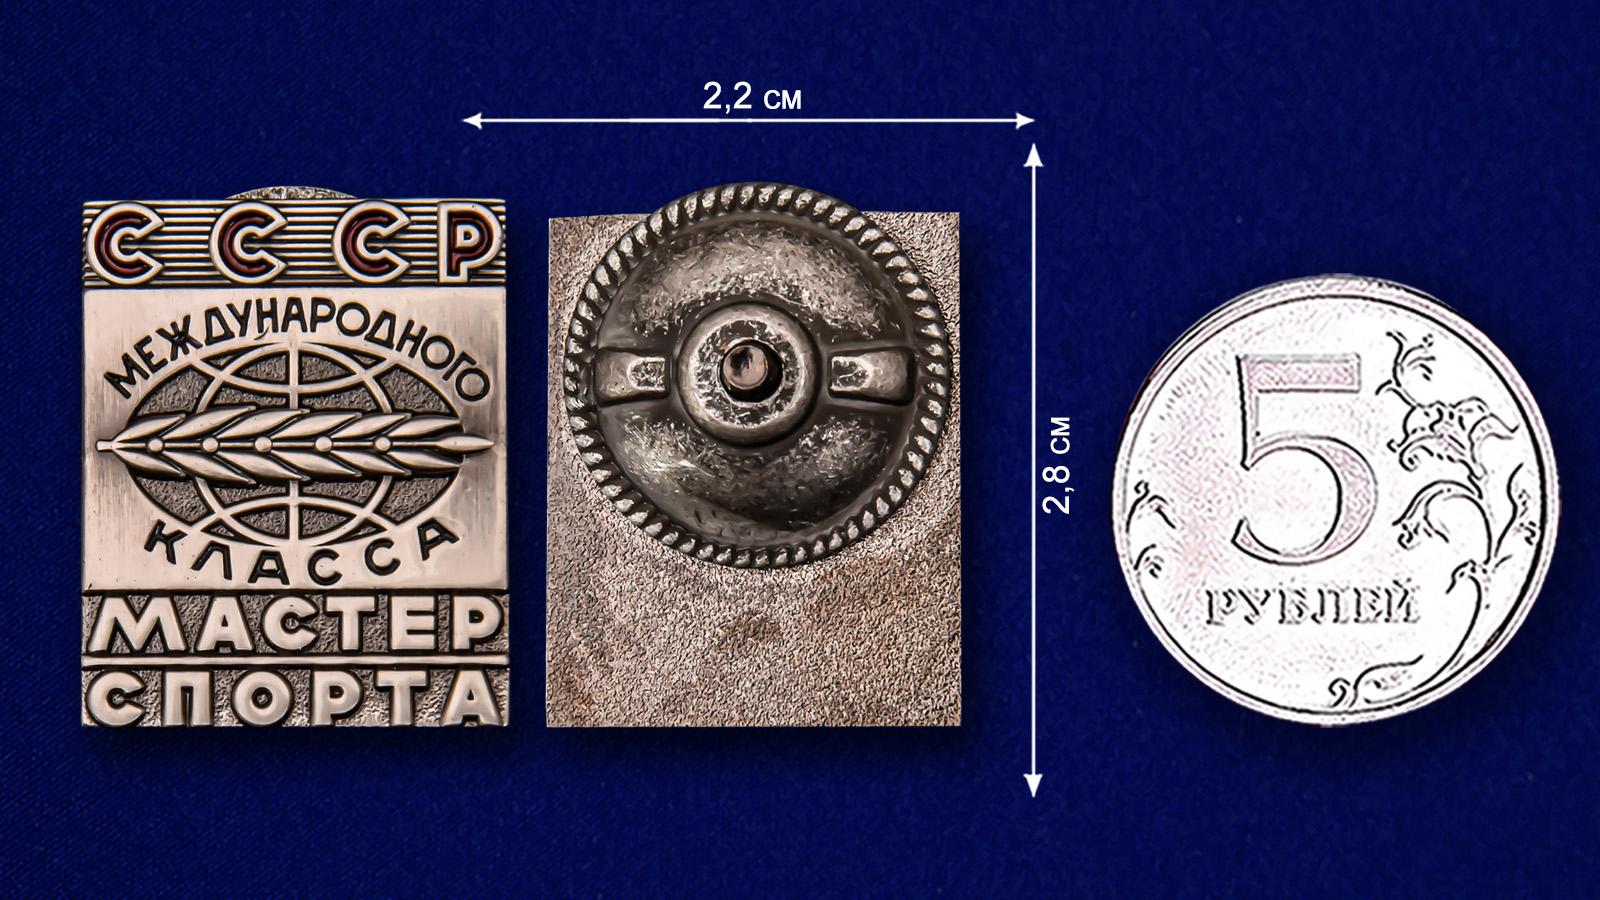 Нагрудный знак Мастер спорта СССР Международного класса - сравнительный вид